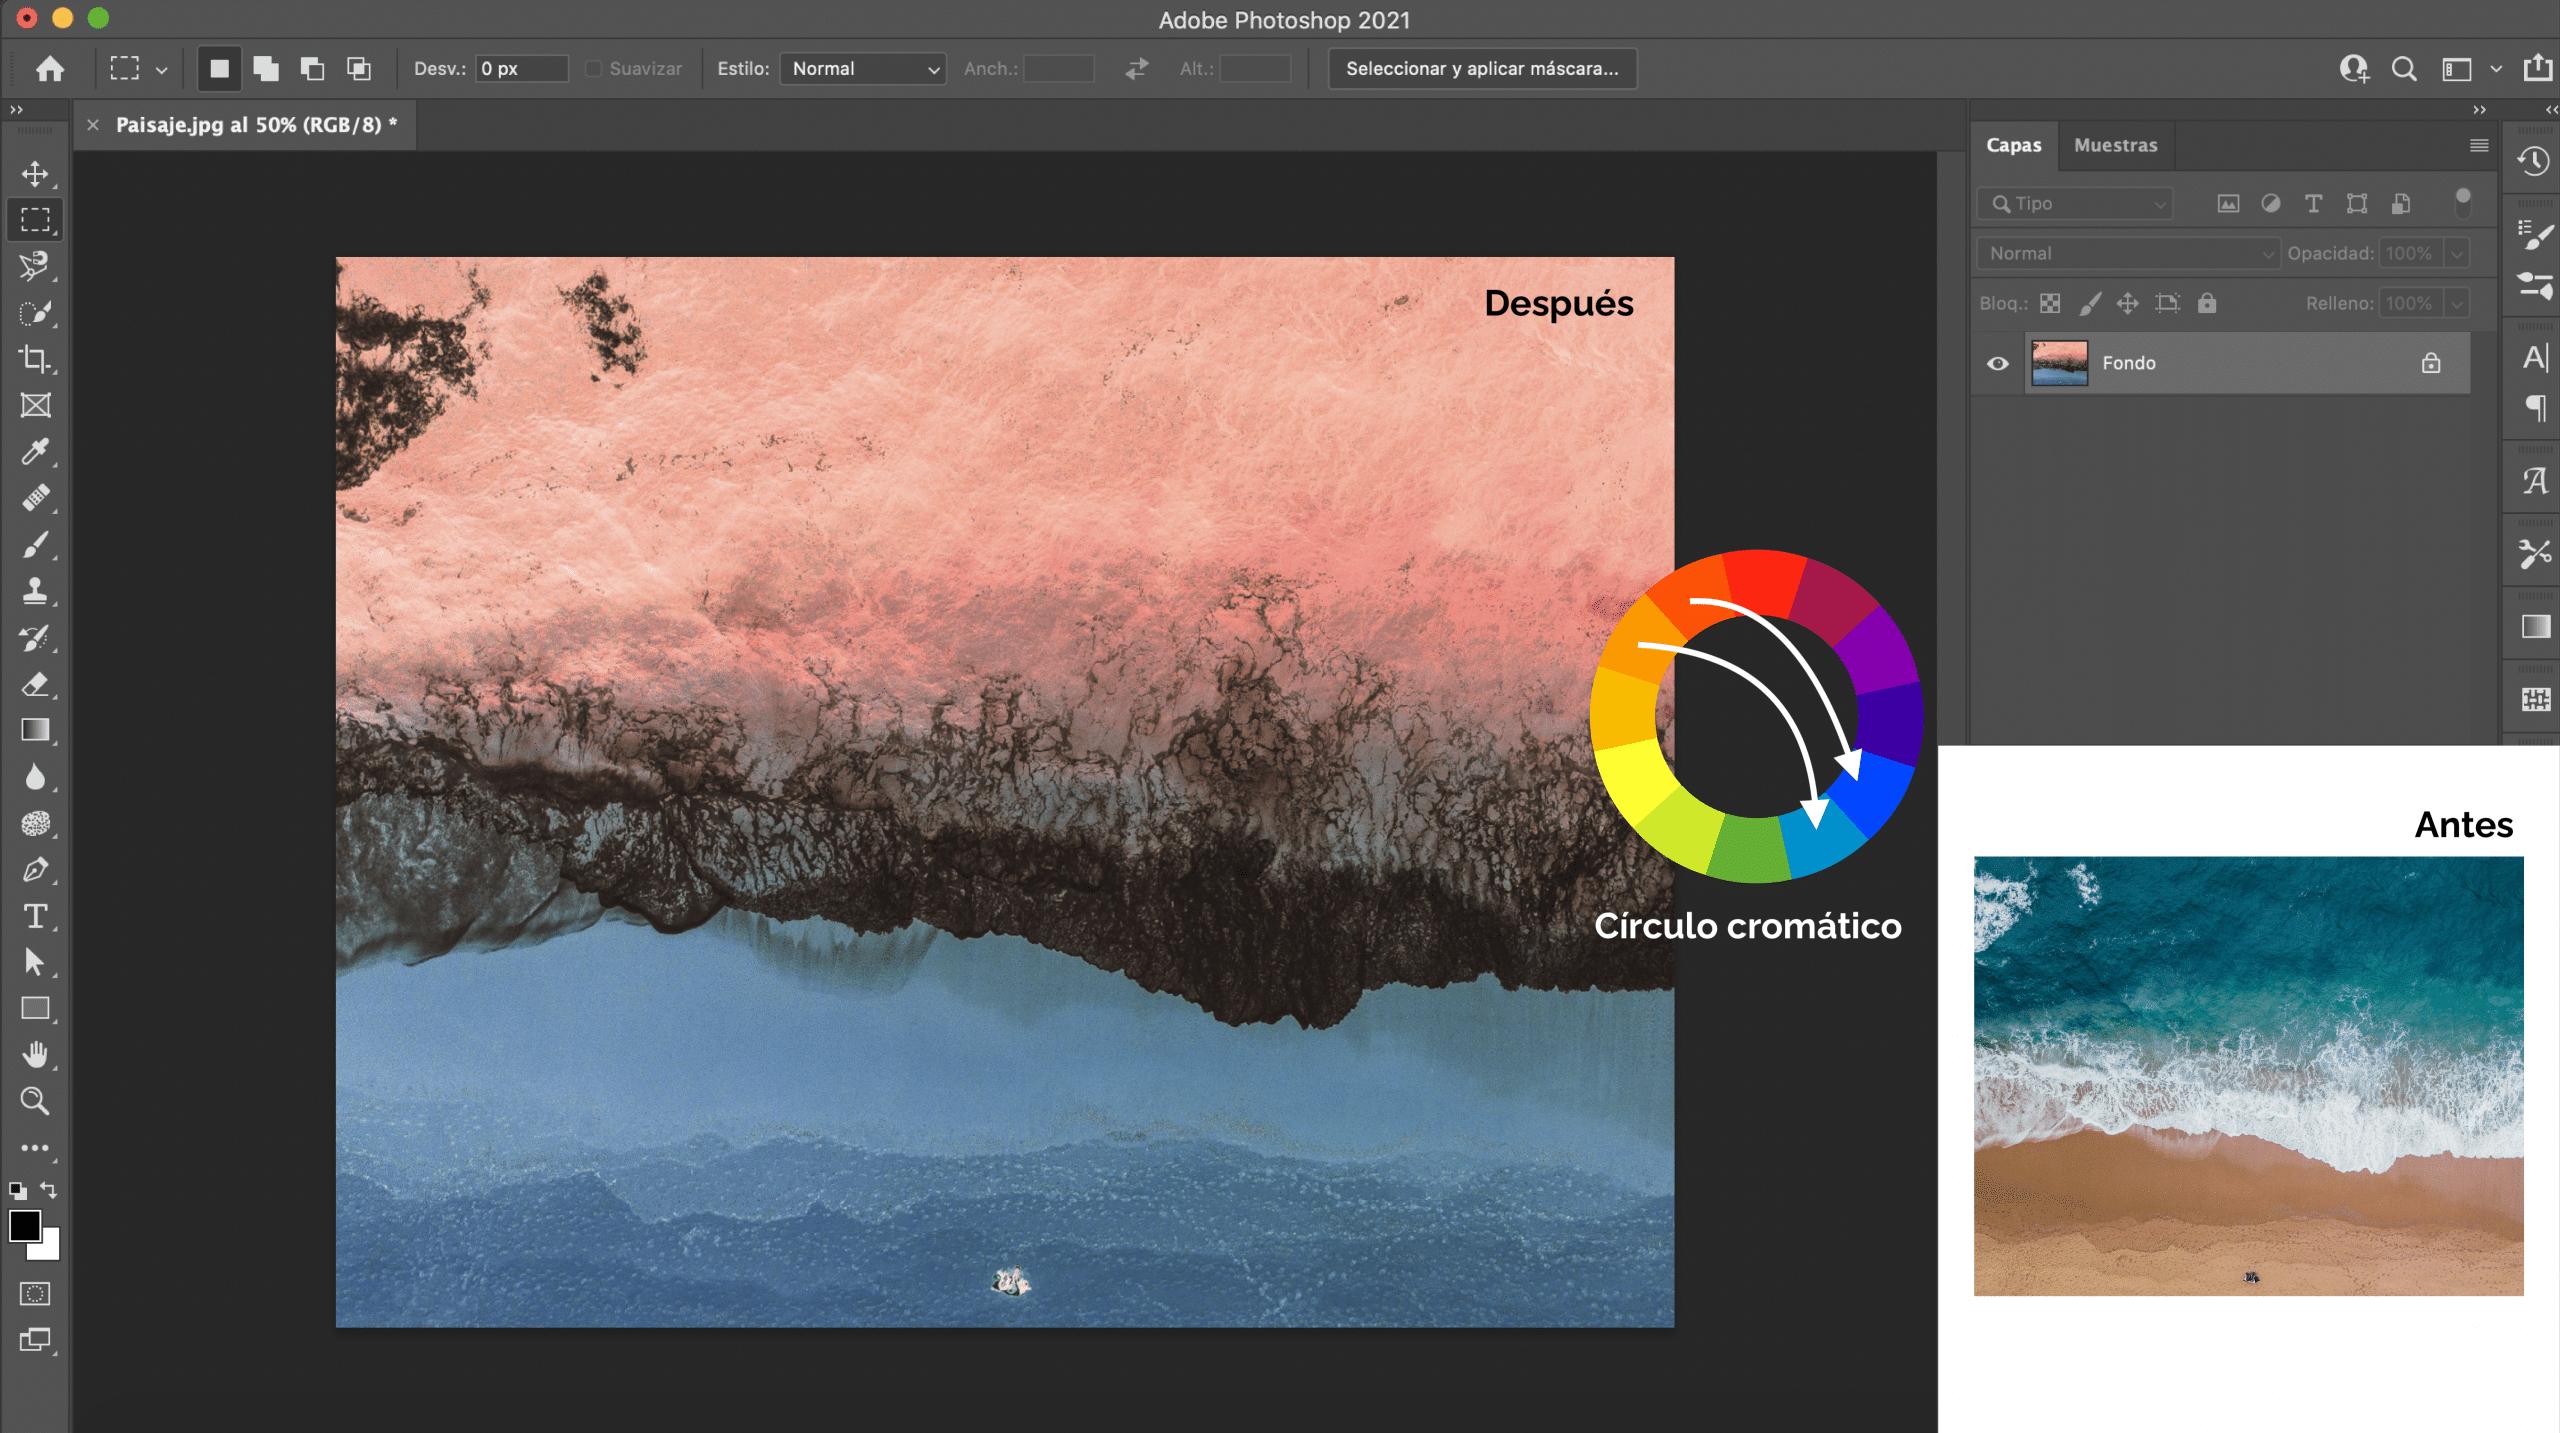 Qué pasa cuando invertimos los colores en Photoshop